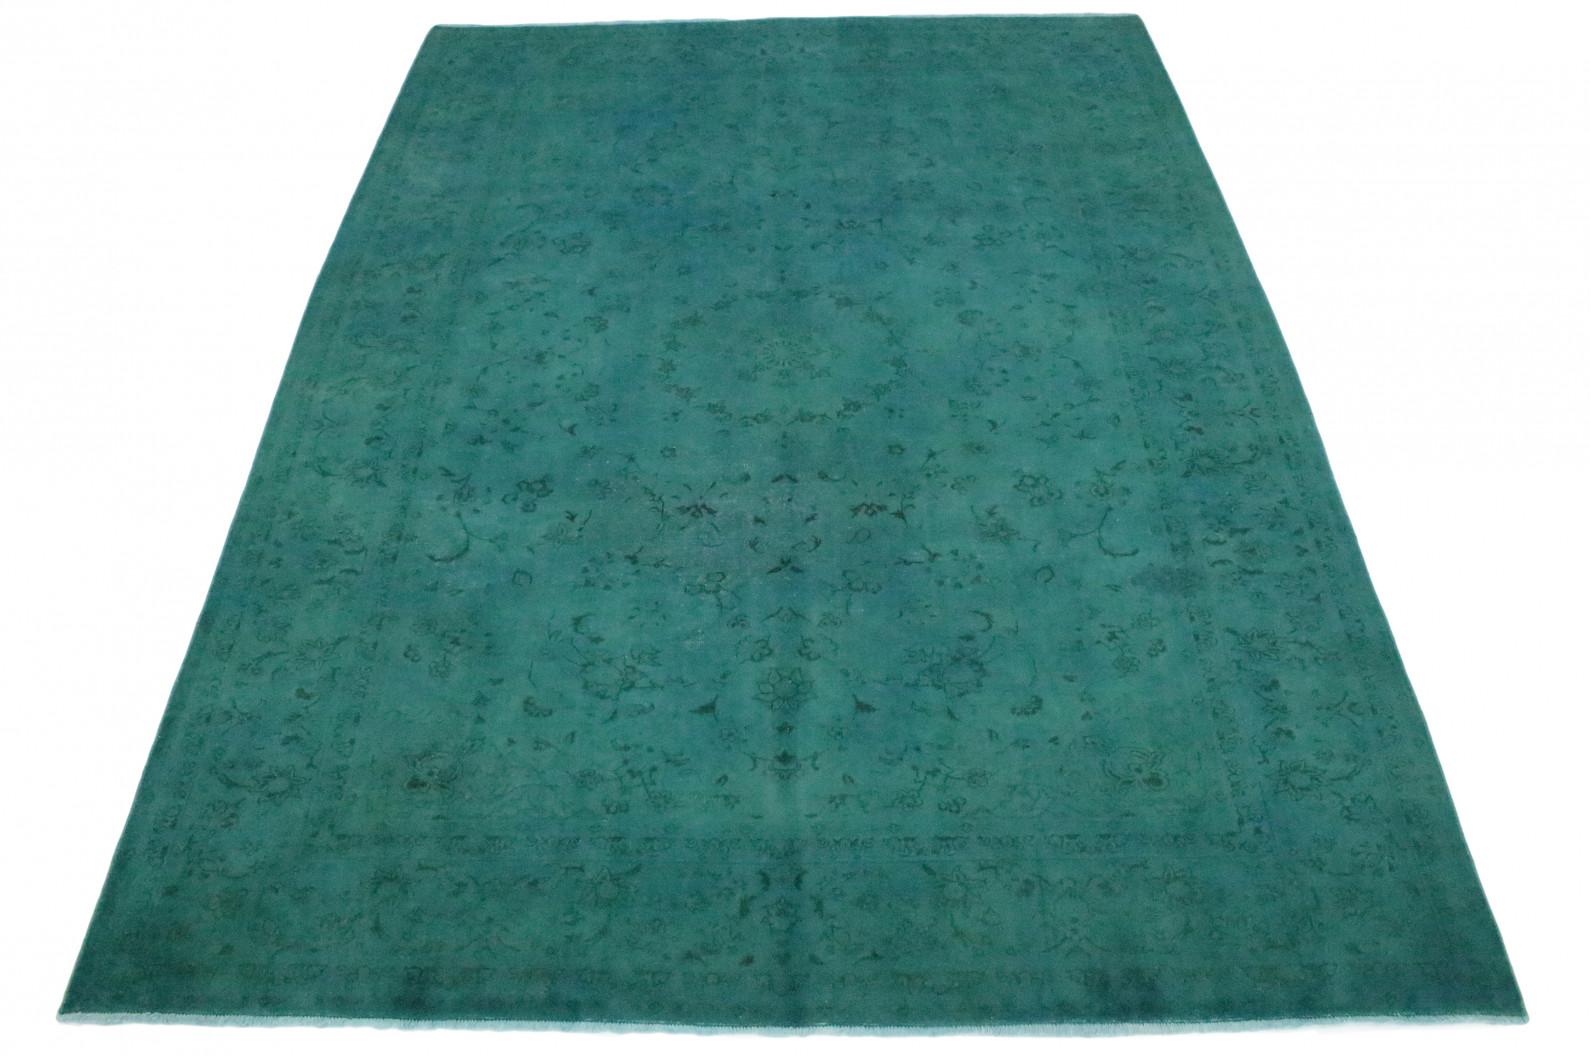 Vintage Teppich Türkis in 380x280 (1 / 4)